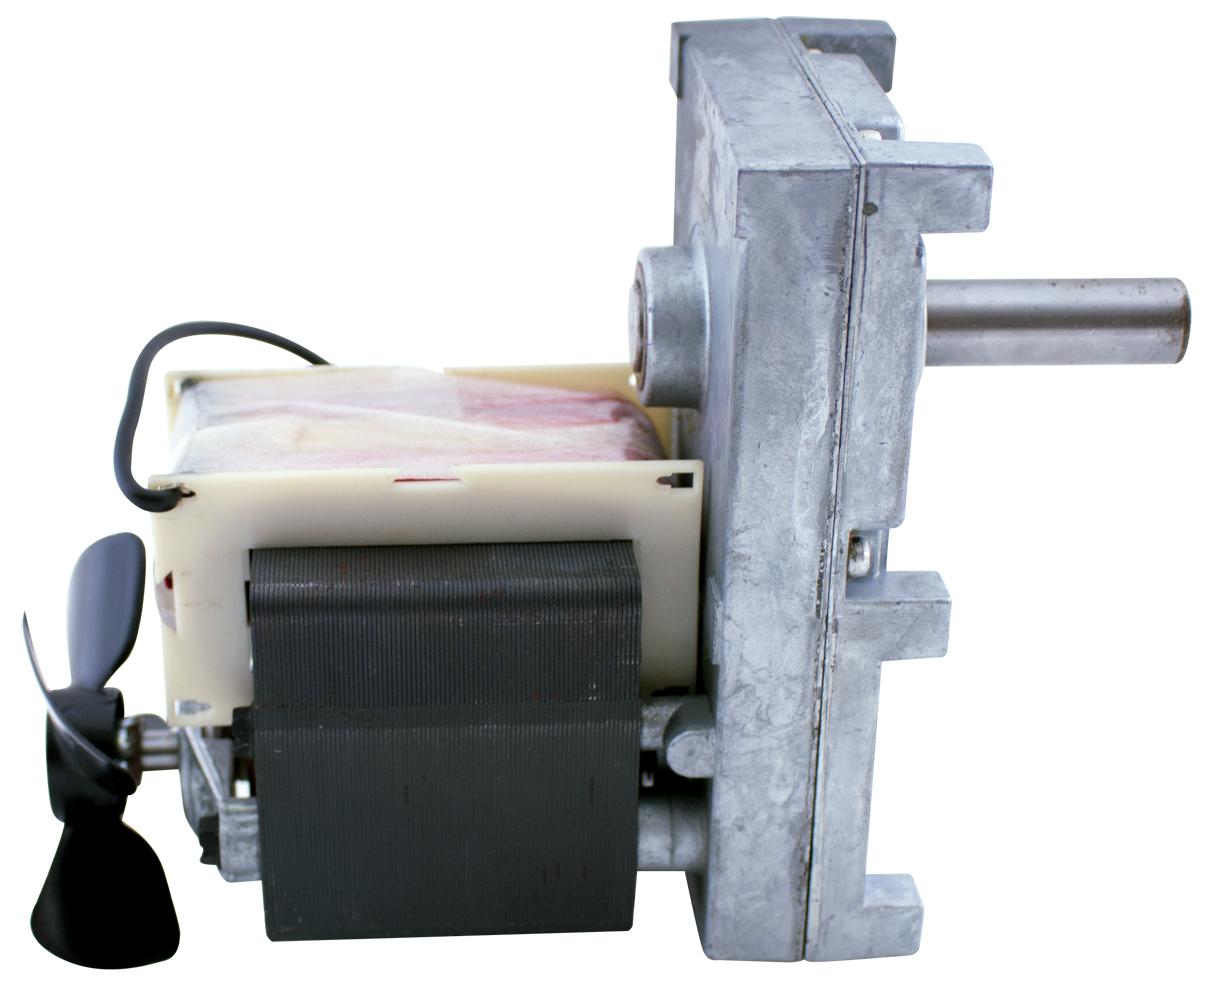 Gear Motors Bodine Electric Motor Wiring Diagram Further 240v Single Phase Pellet Stove Auger 120v 60 Hz 6 Rpm More Images